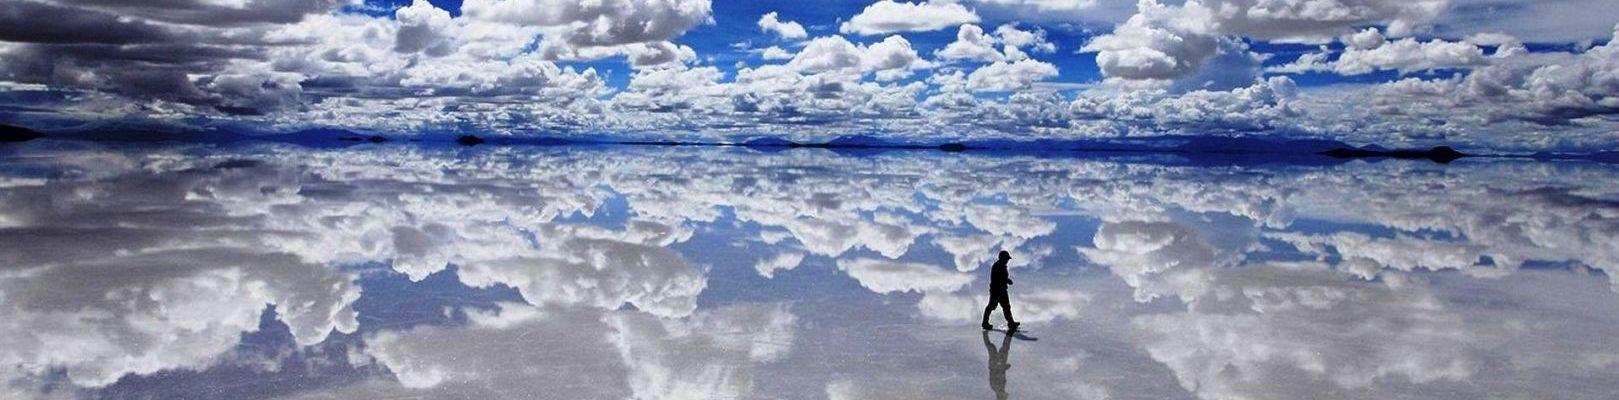 Salar-de-Uyuni-marcher-sur-le-ciel-1619x400